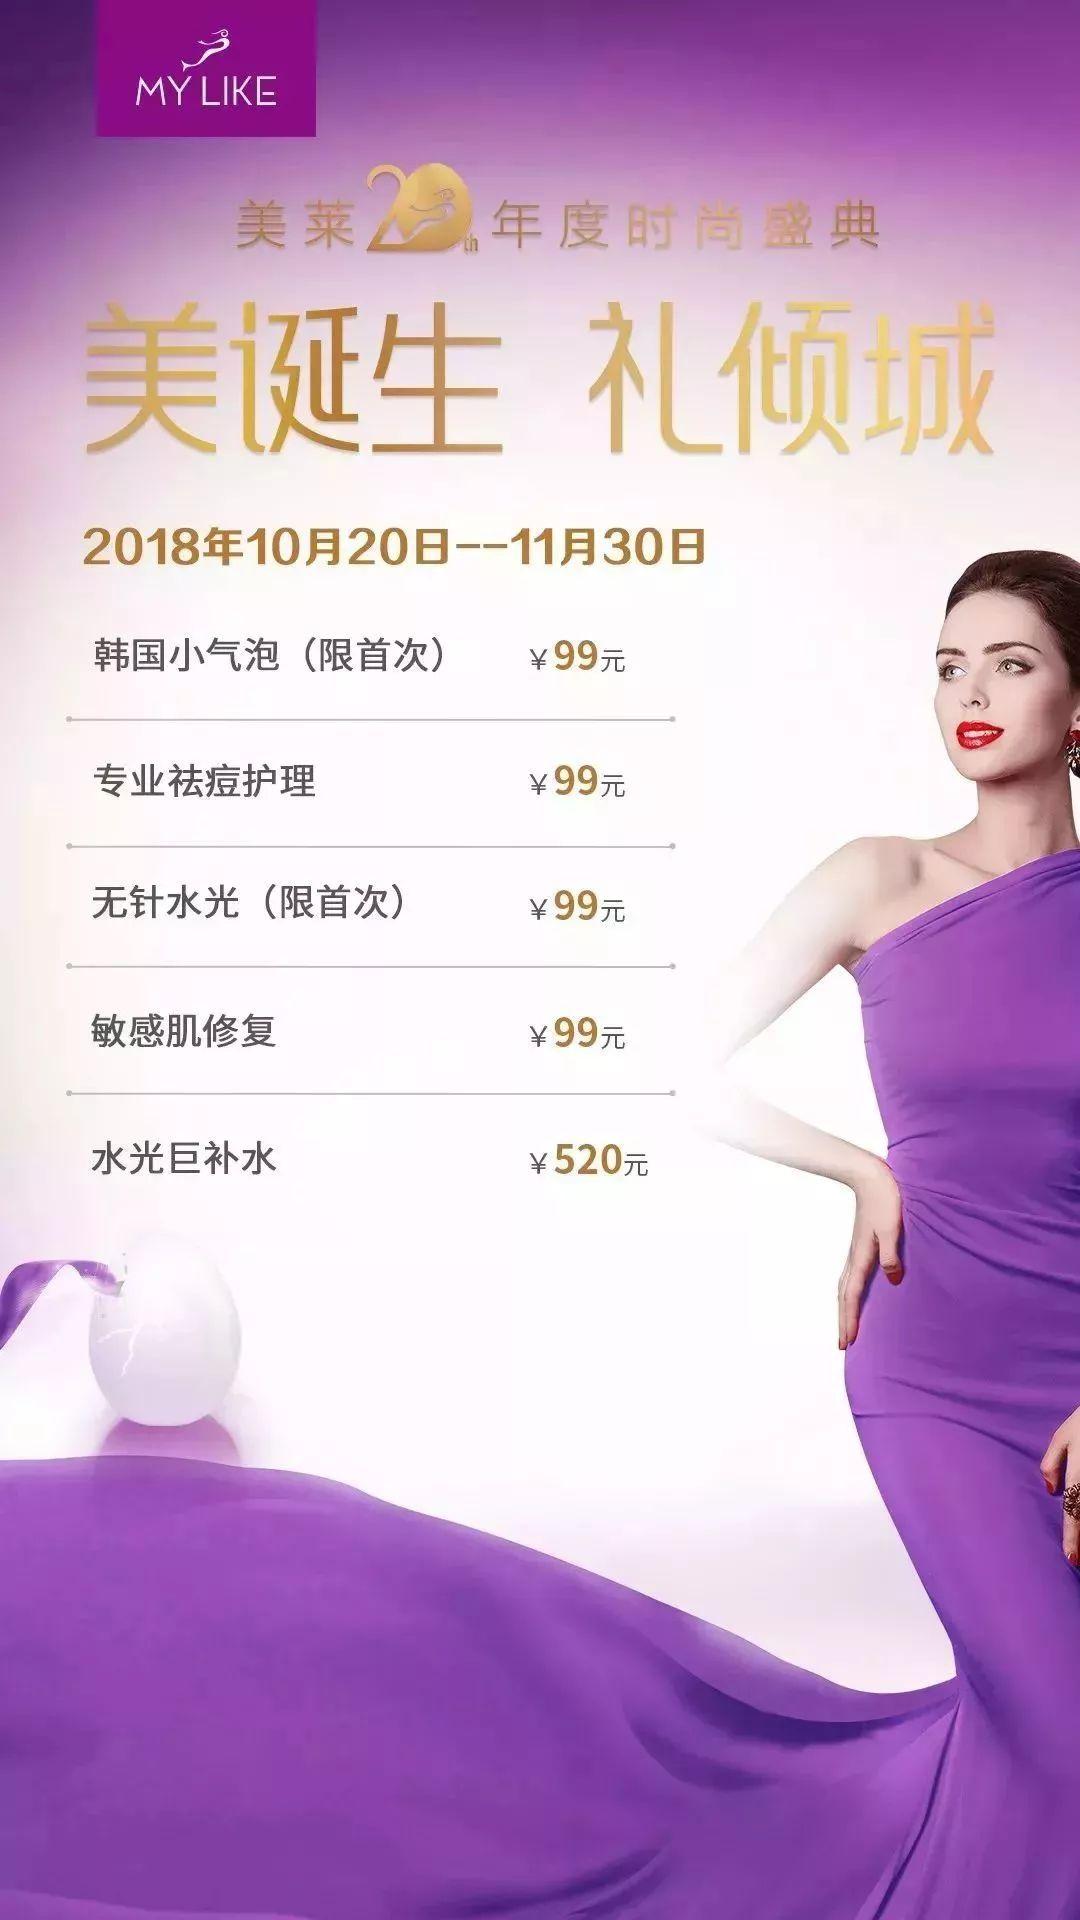 上海美莱20周年盛典